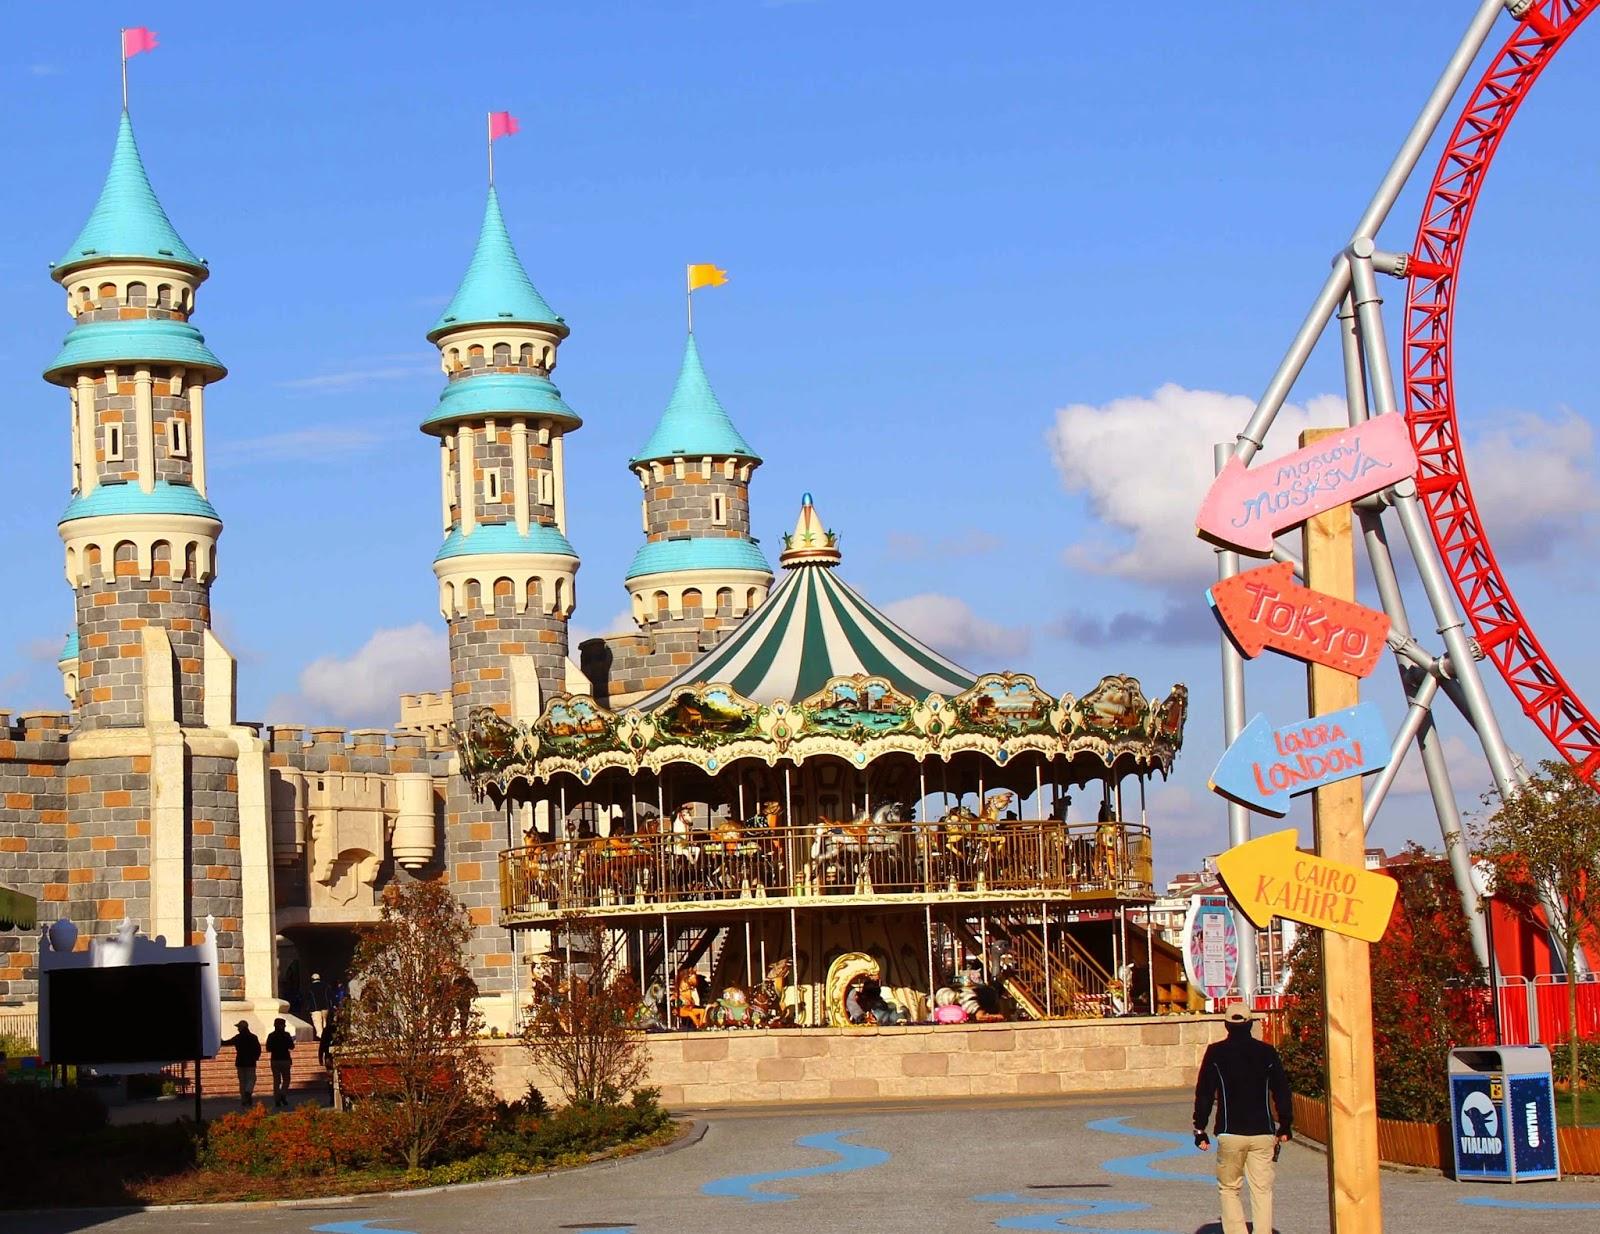 vialand - atlıkarınca - carousel - vialand giriş - temapark